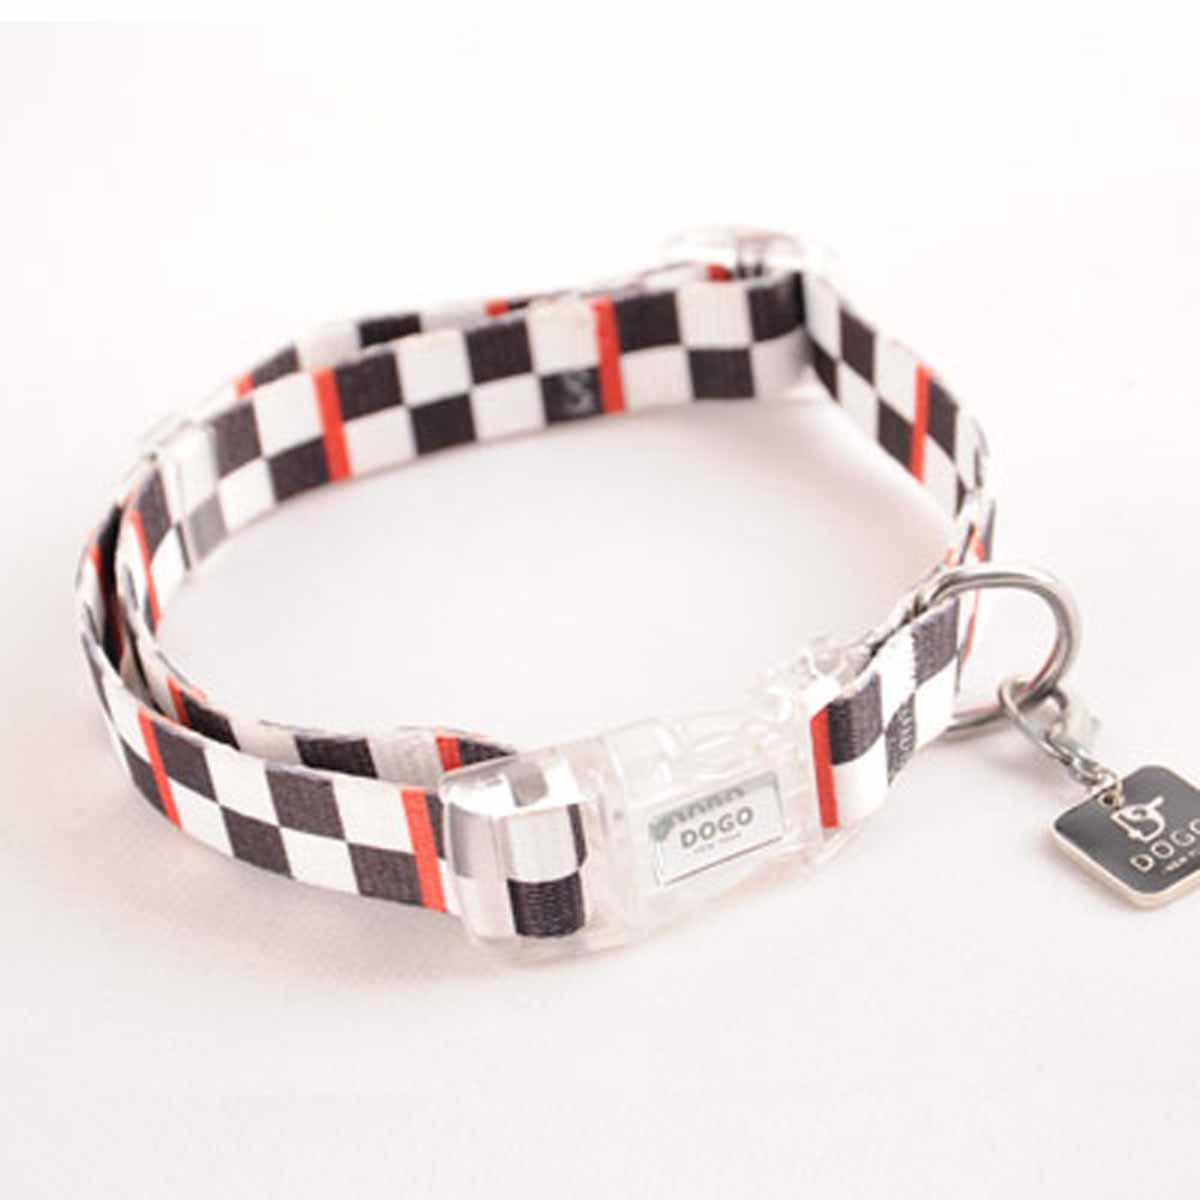 Contempo Dog Collar by Dogo - Black Checkered